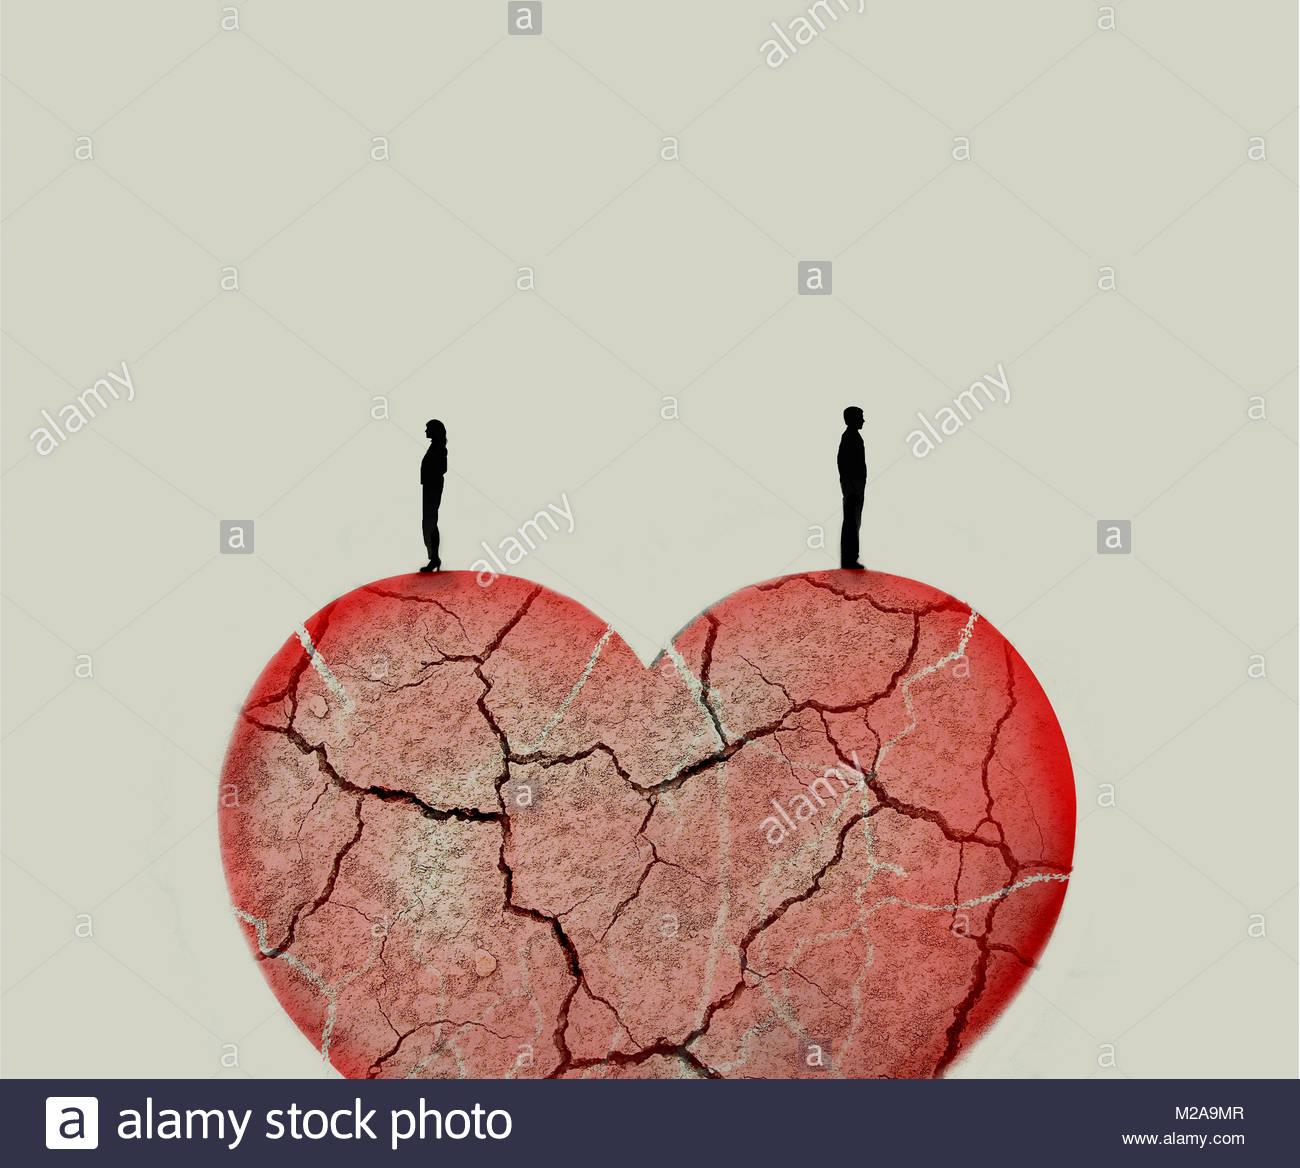 Par de pie en la parte superior del corazón roto Foto de stock